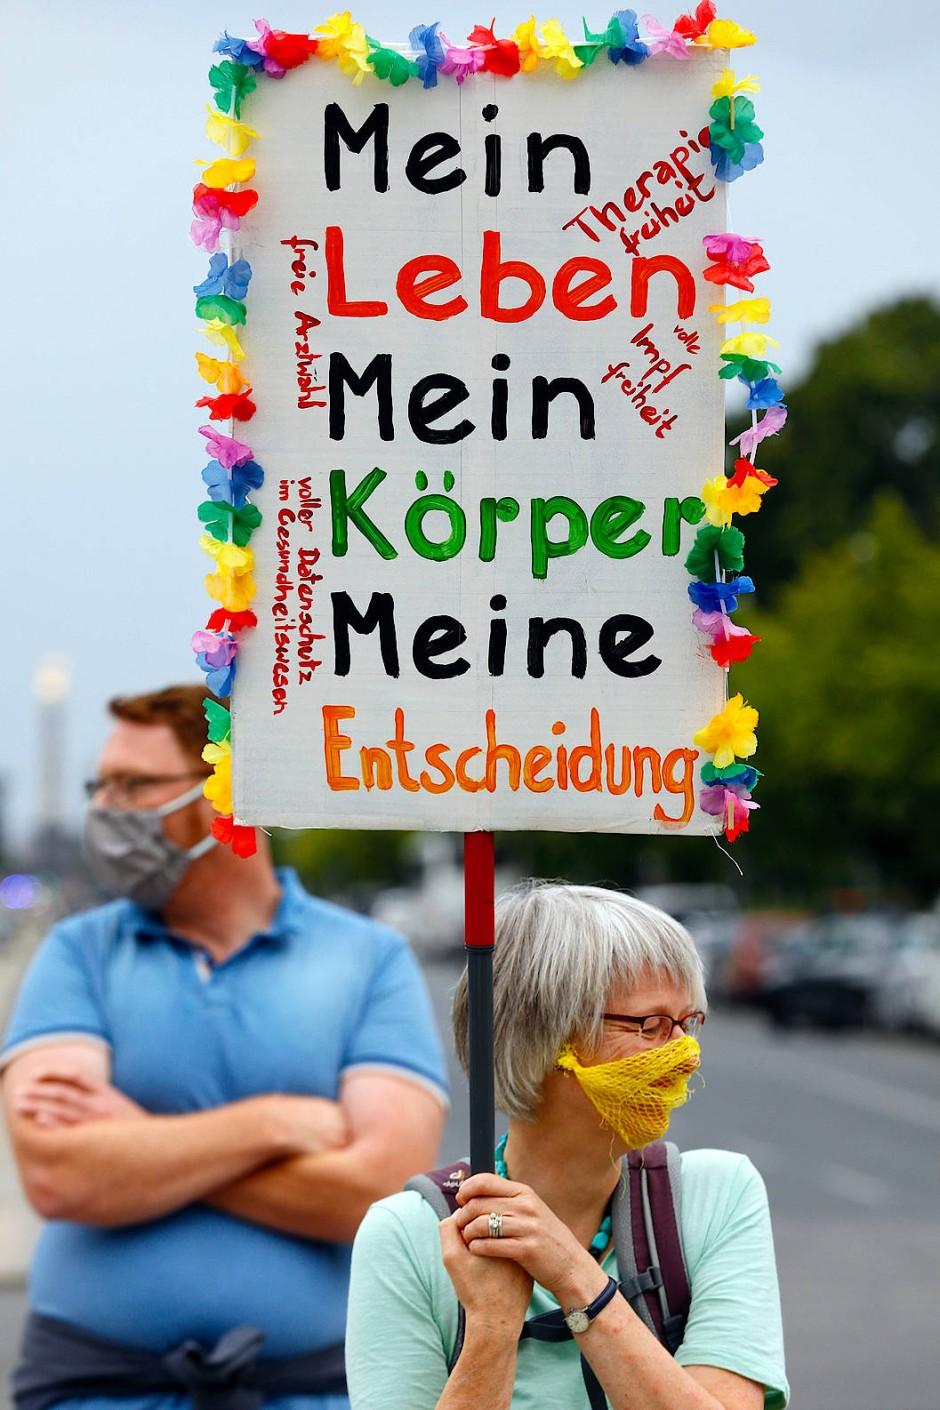 """Eine Demonstrantin mit einem Netz vor dem Mund hält ein Schild hoch: """"Mein Leben, mein Körper, meine Entscheidung"""""""